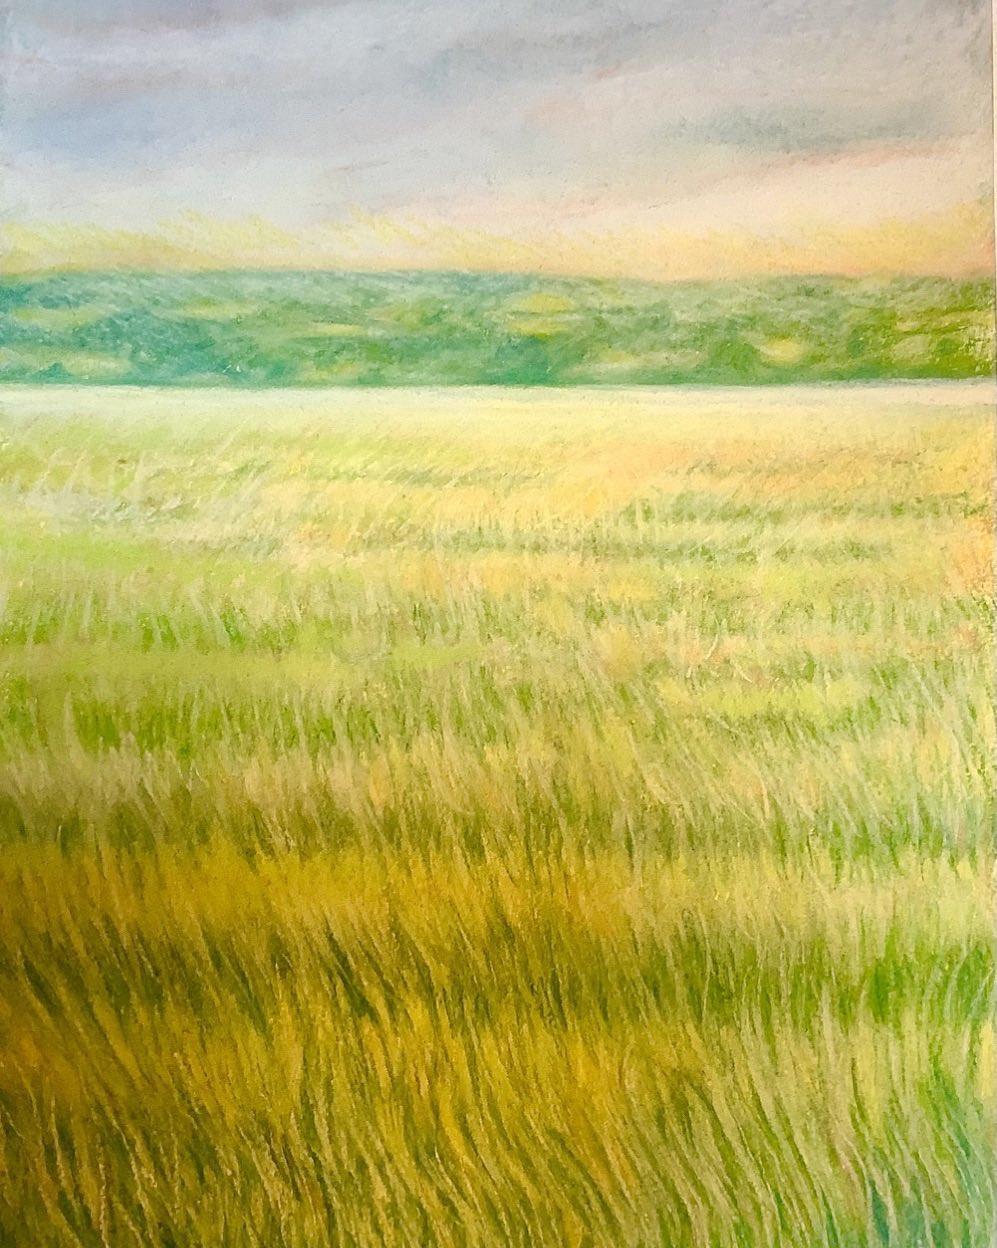 Over The Marsh, Pastels 2001  #chloeaugusta